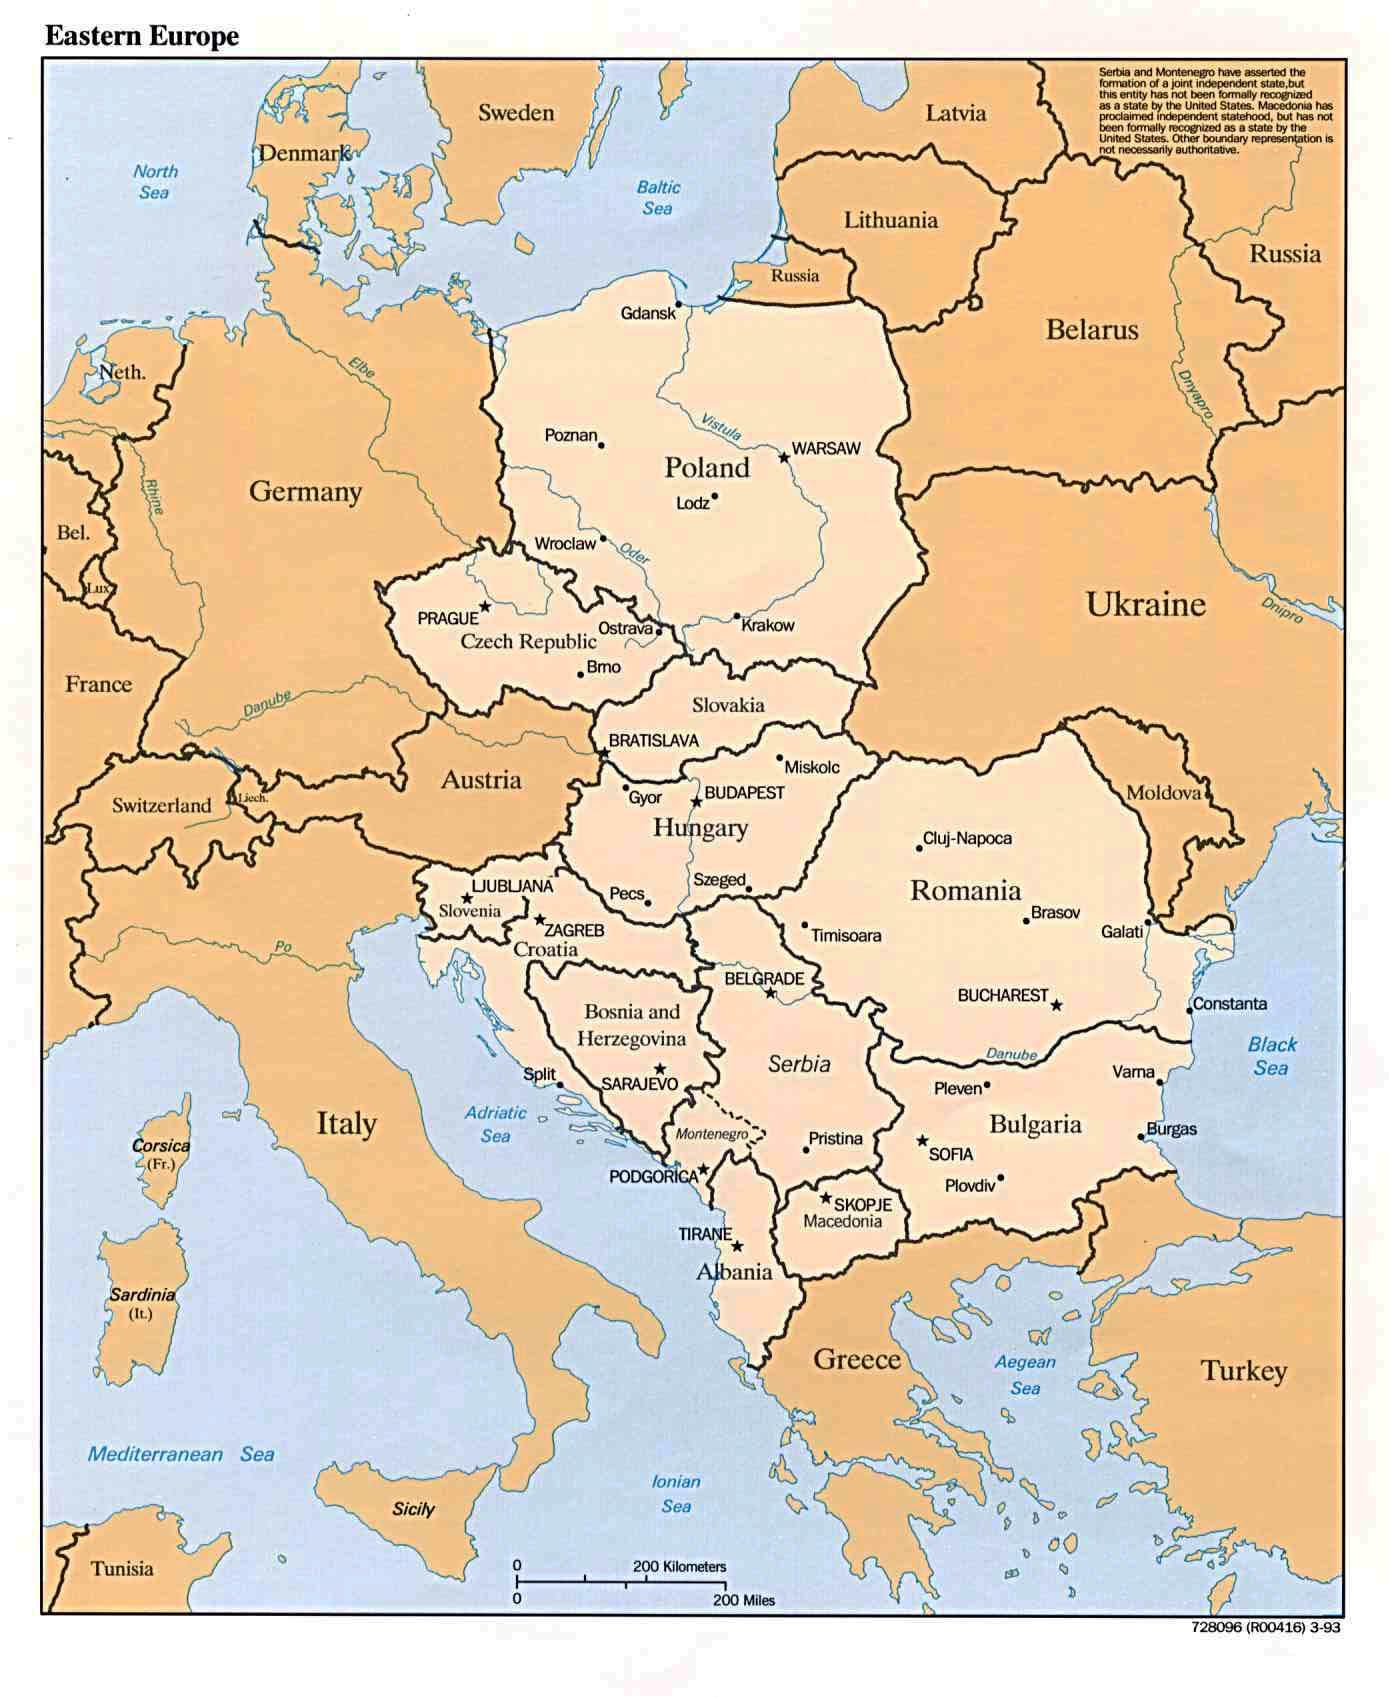 Inne Mapy Europy Mapy Europy Centralnej Europy Wschodniej